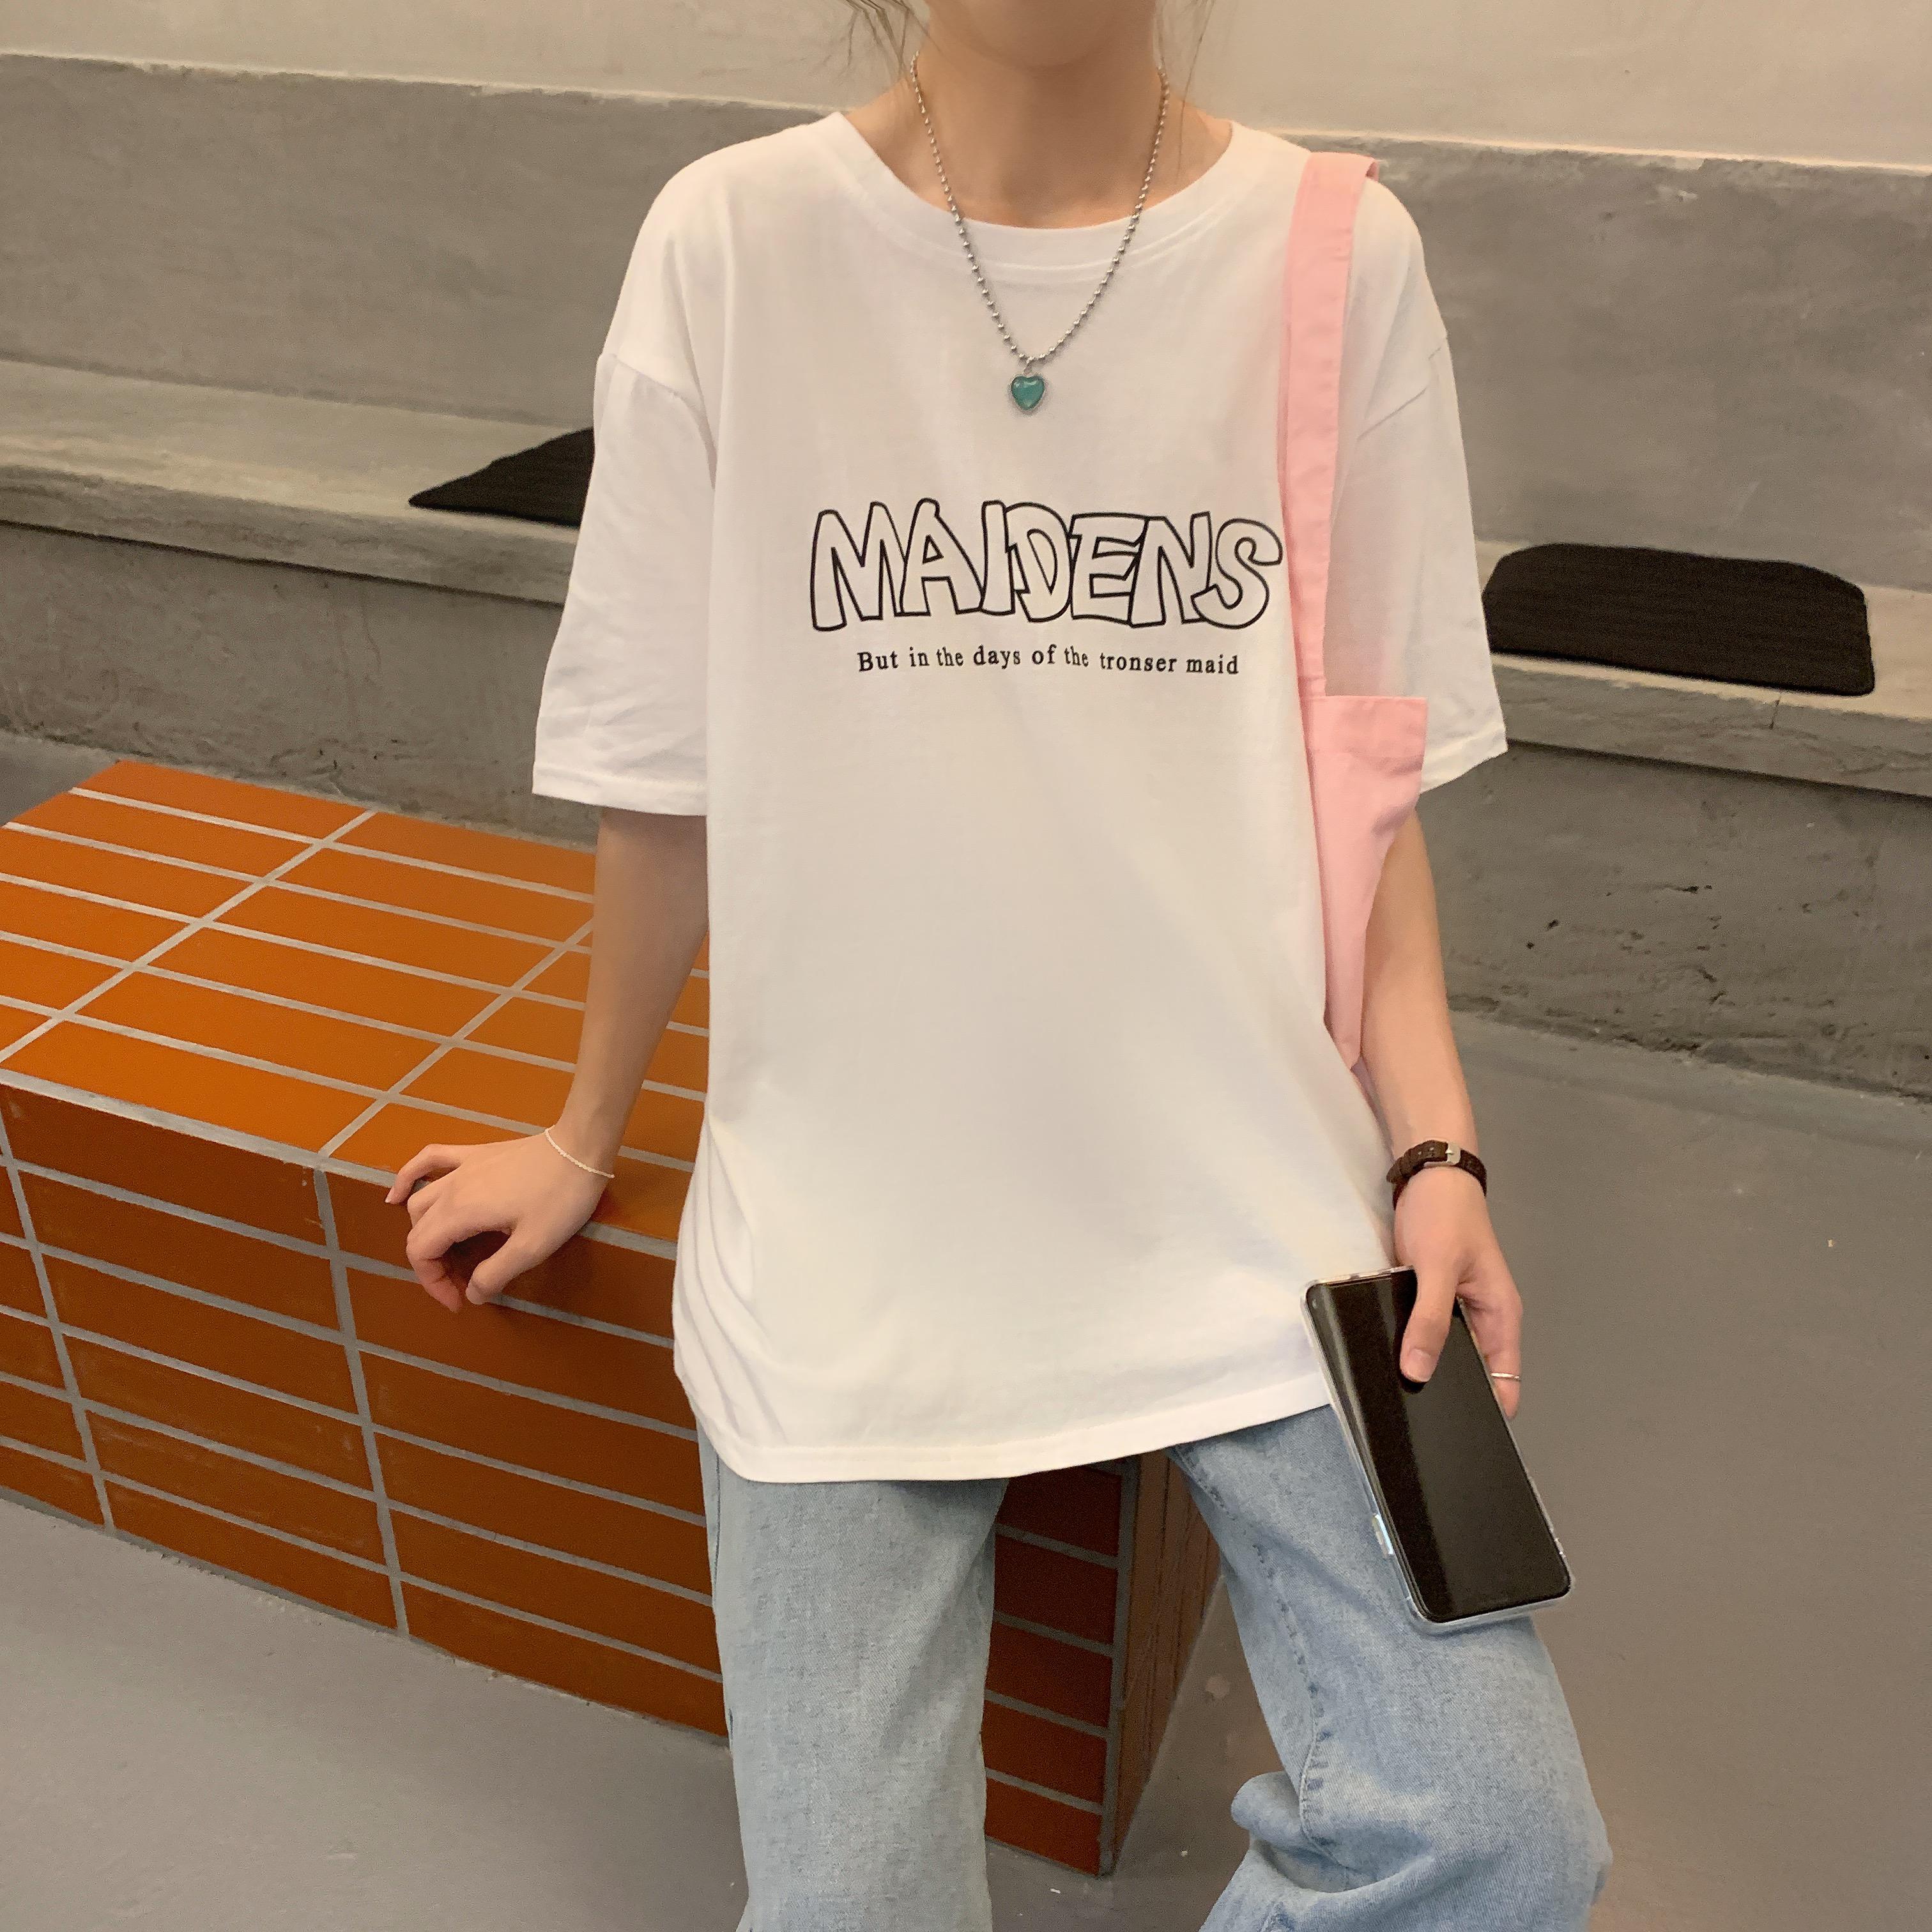 实拍纯棉 2021夏季新款韩版原宿风创意字母学生短袖t恤女宽松上衣